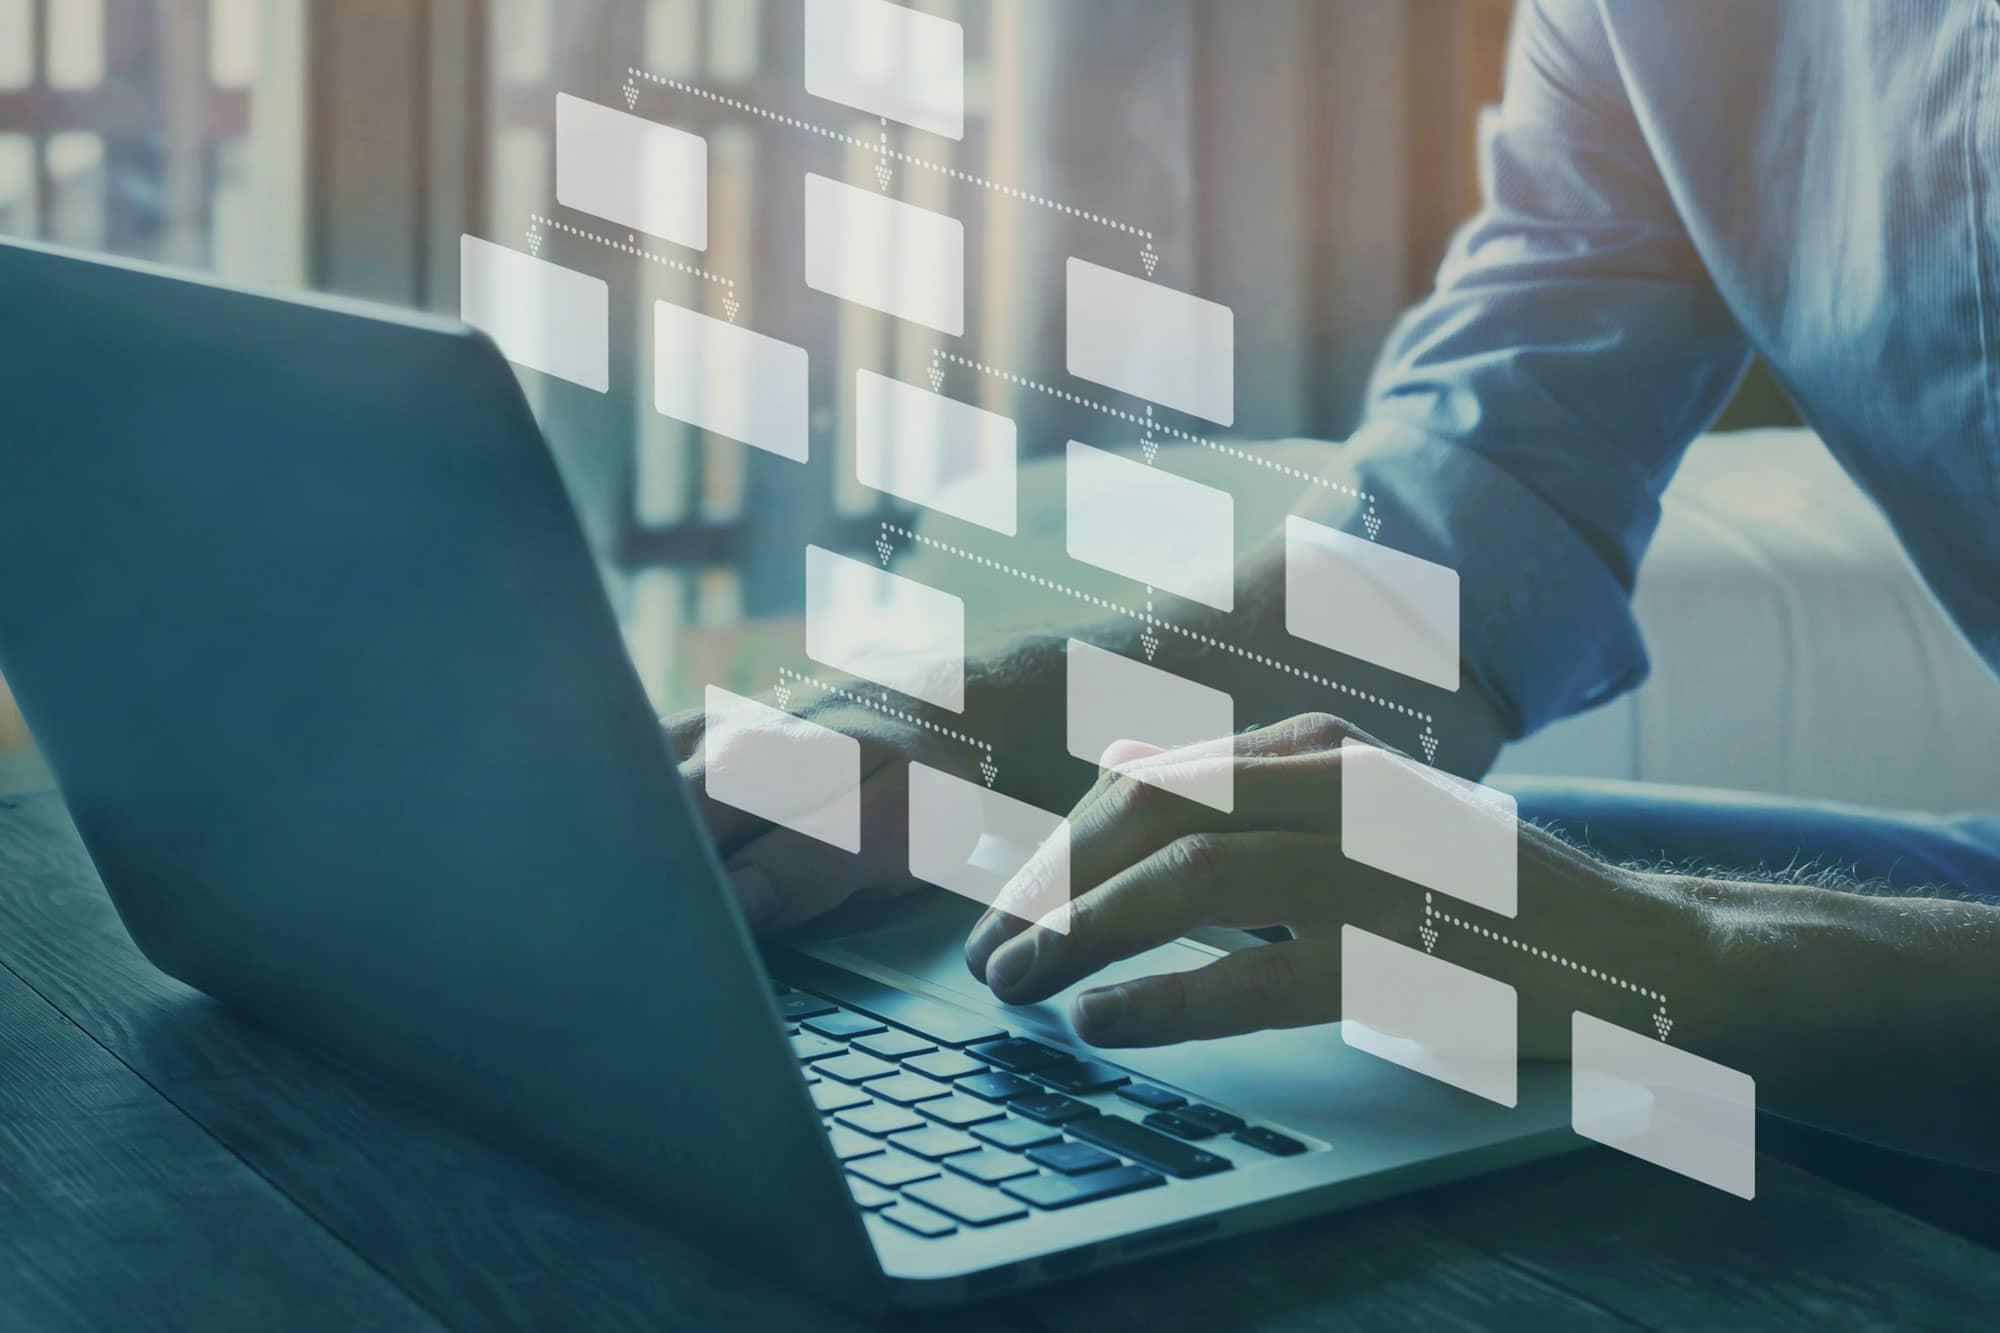 Wissensgraphen: Enabler für die Geschäftsmodelle der Zukunft